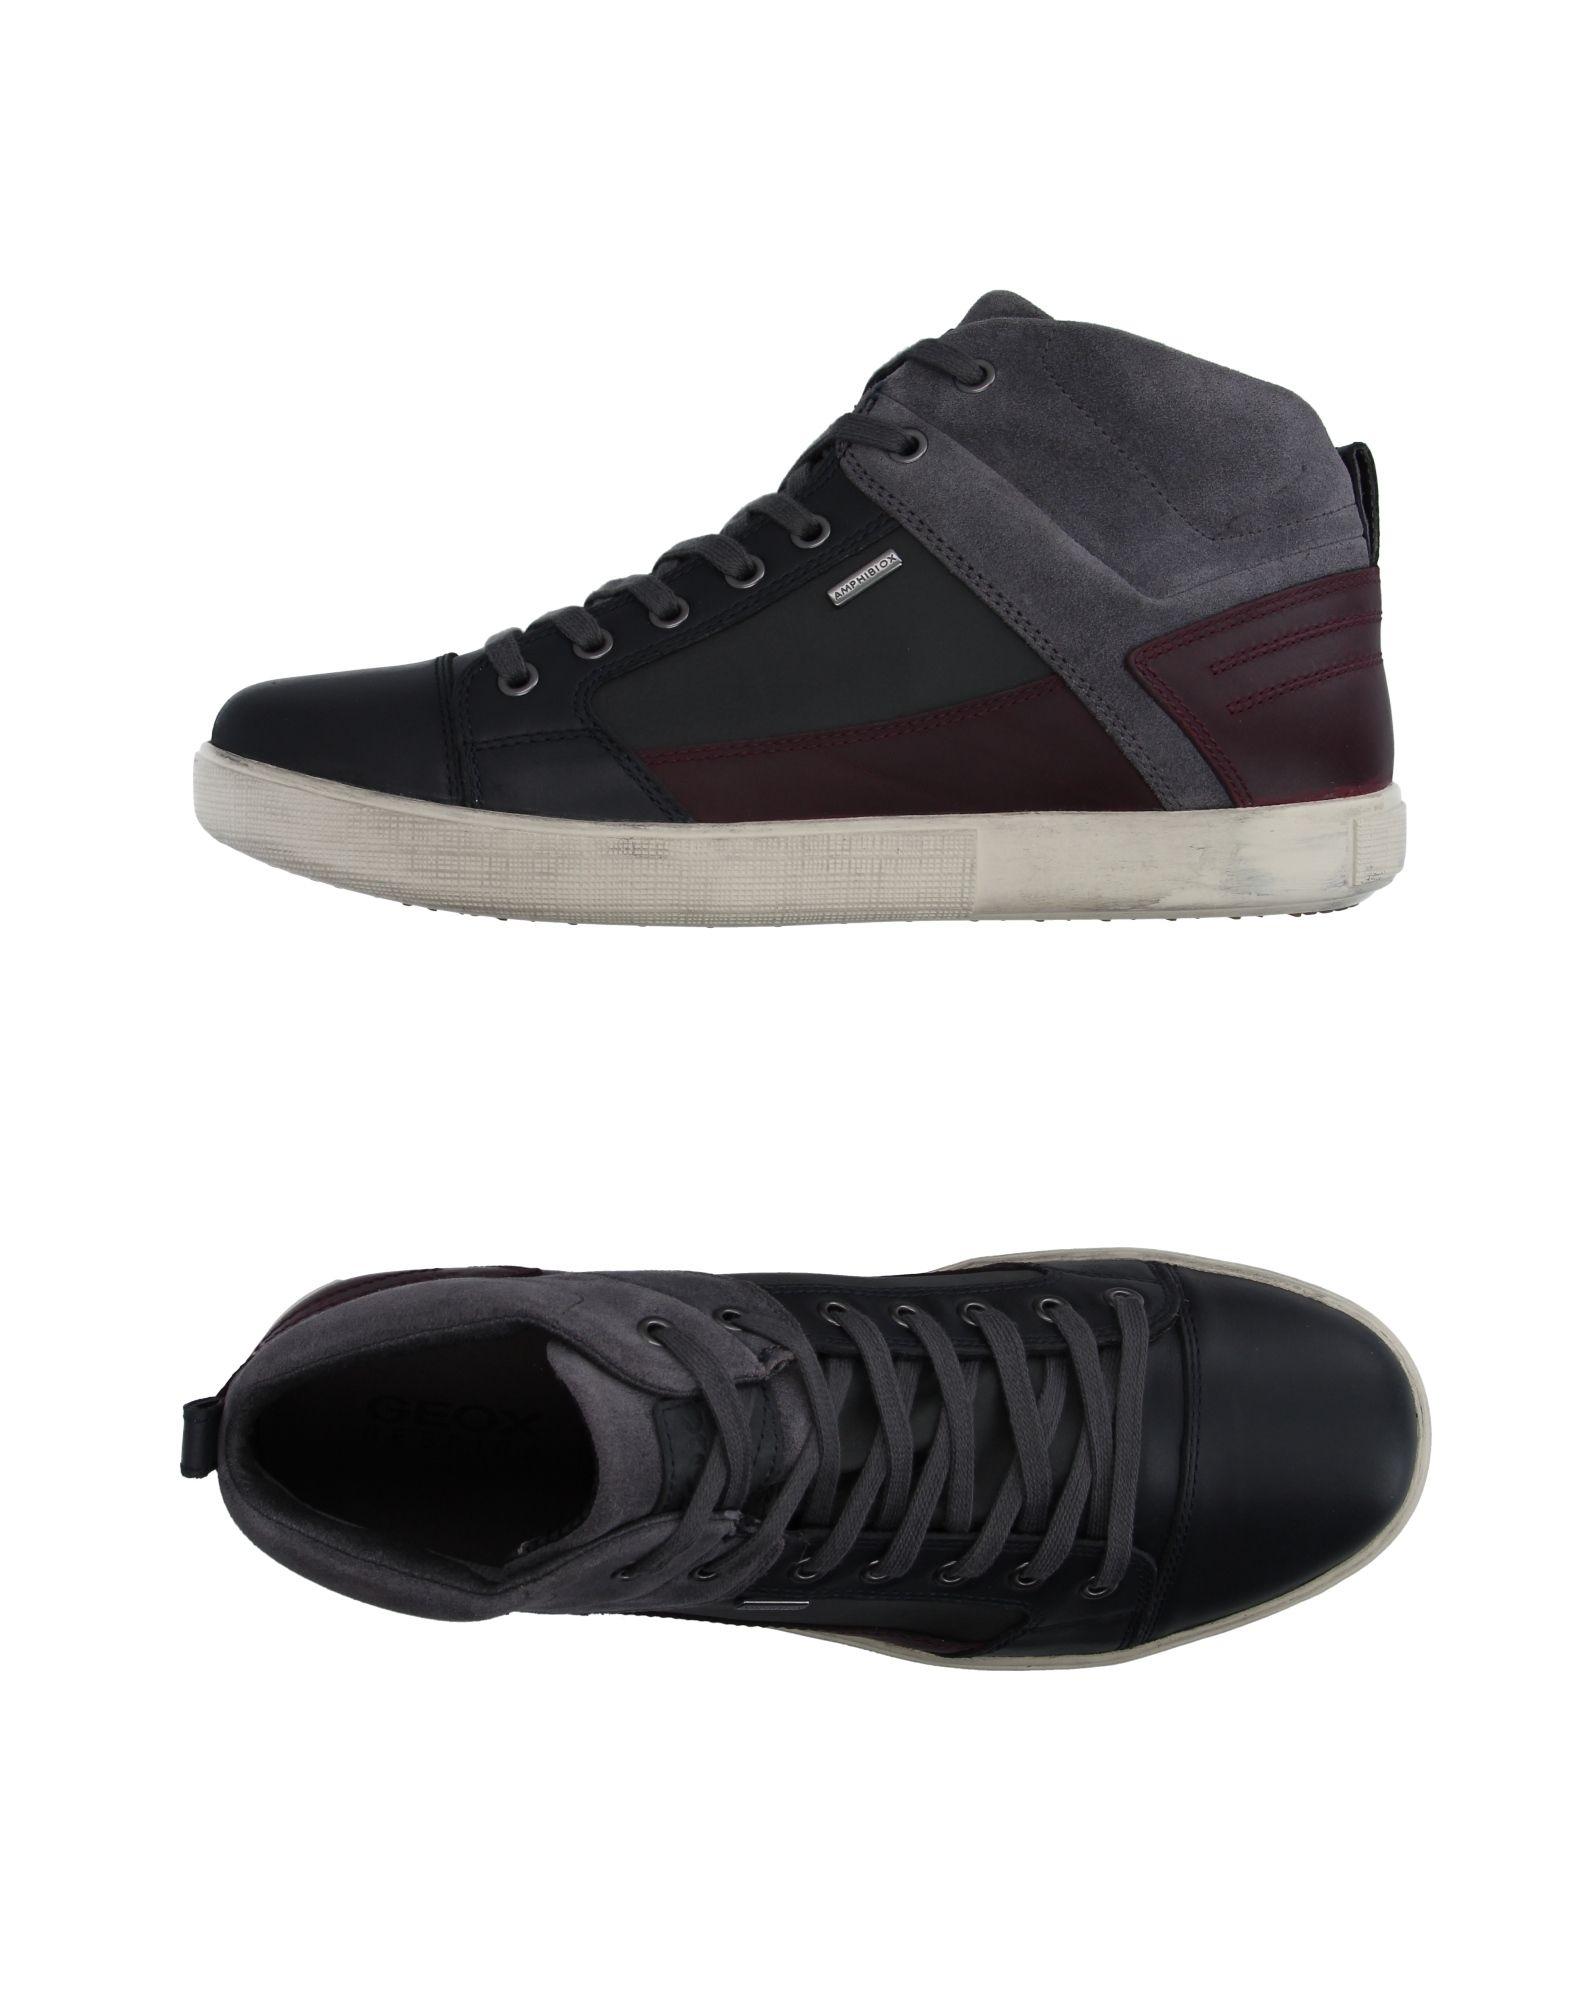 Haltbare Mode billige Schuhe Geox Sneakers Herren  11109266PP Heiße Schuhe